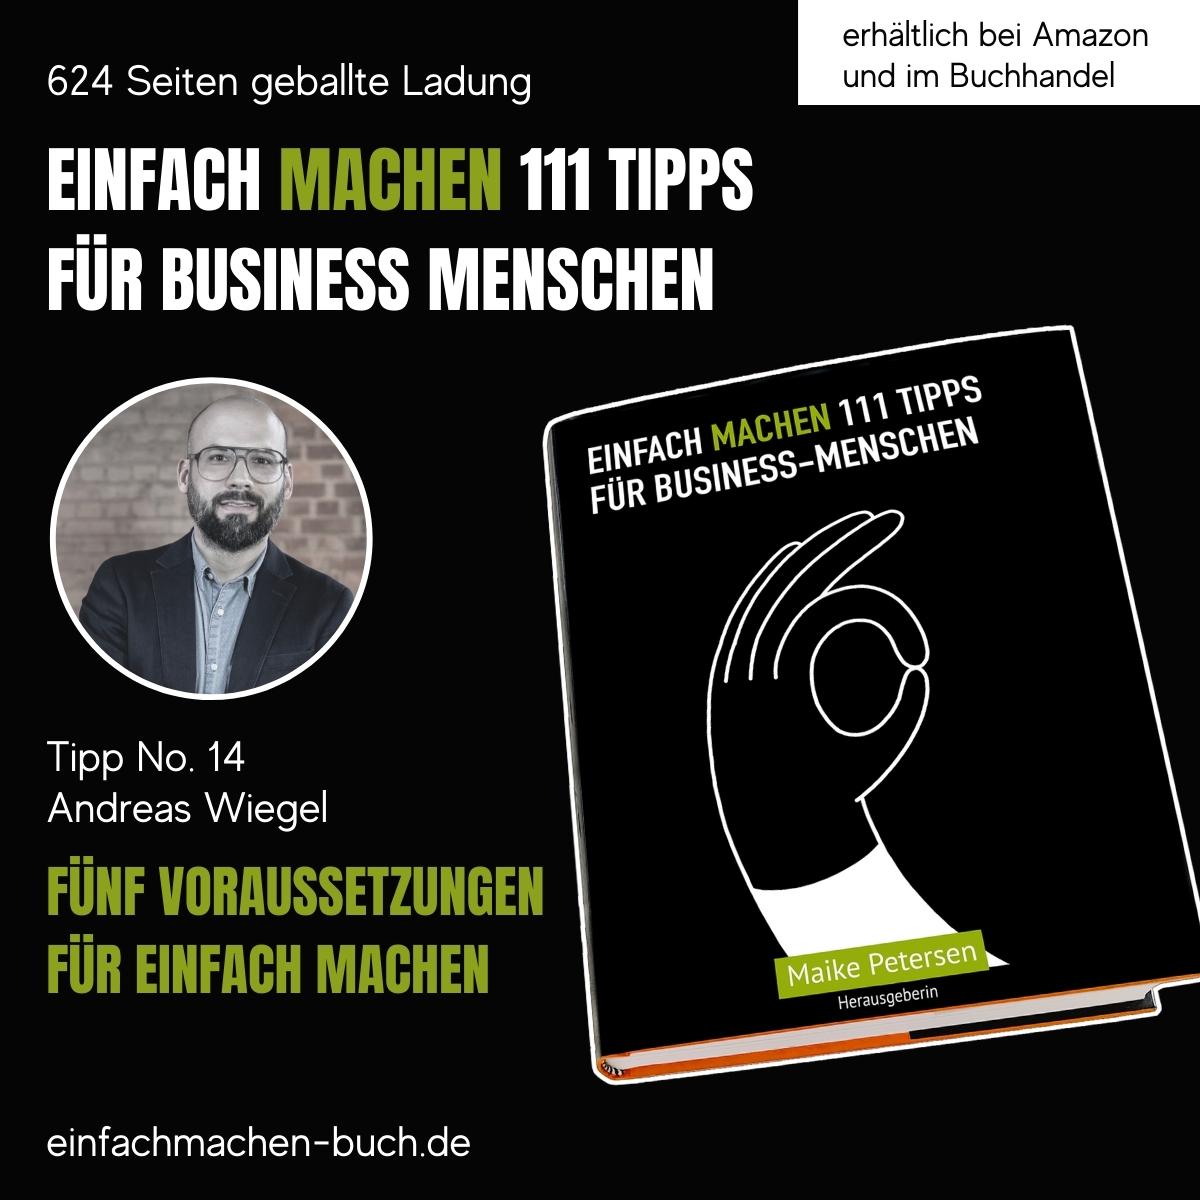 EINFACH MACHEN 111 TIPPS FÜR BUSINESS-MENSCHEN | Tipp No. 14 Andreas Wiegel